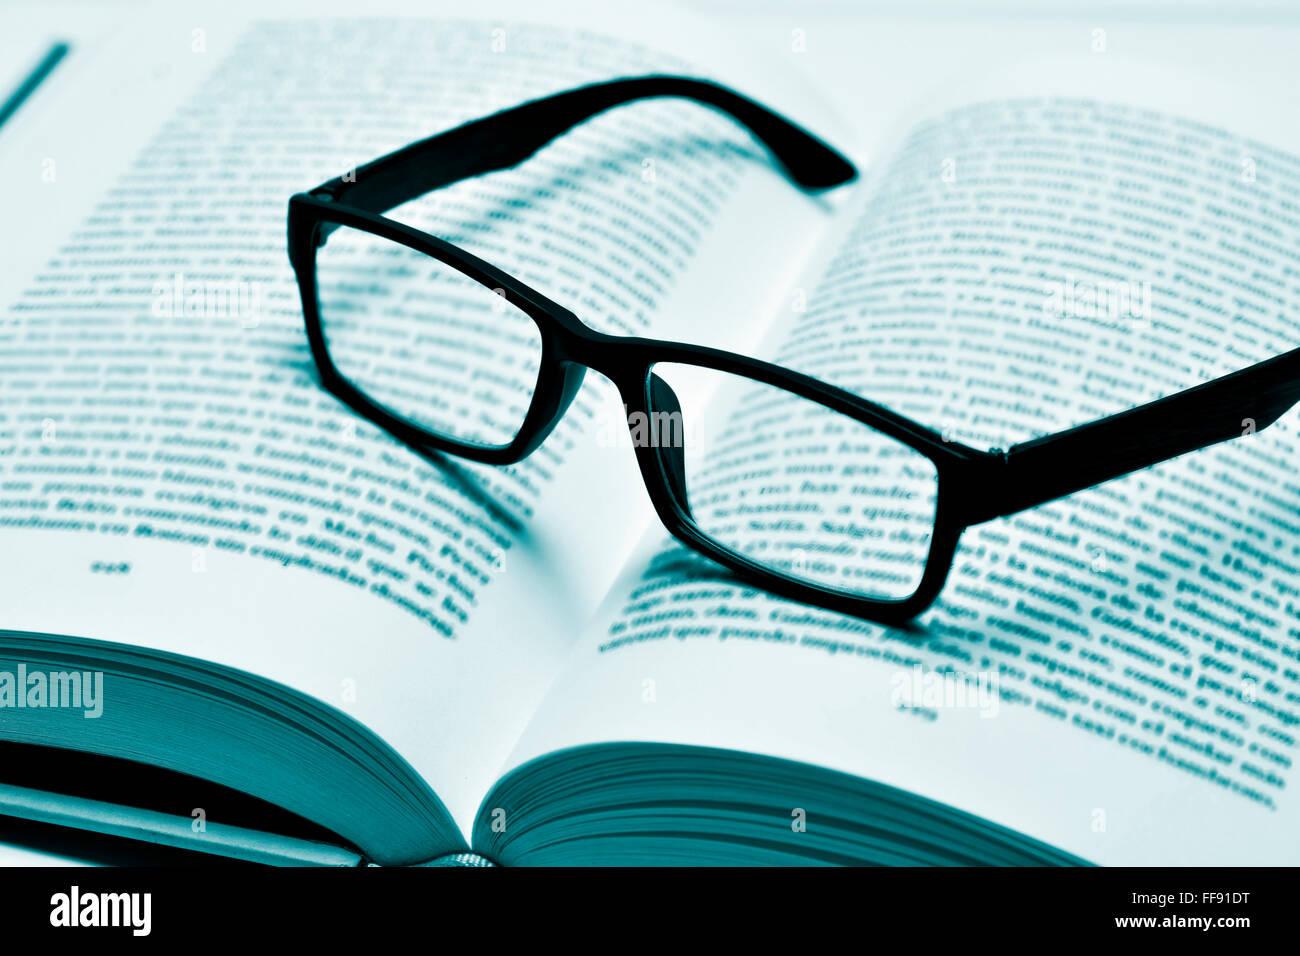 Libre d'une paire de lunettes cerclées de noir en plastique sur un livre ouvert, en duotone Photo Stock